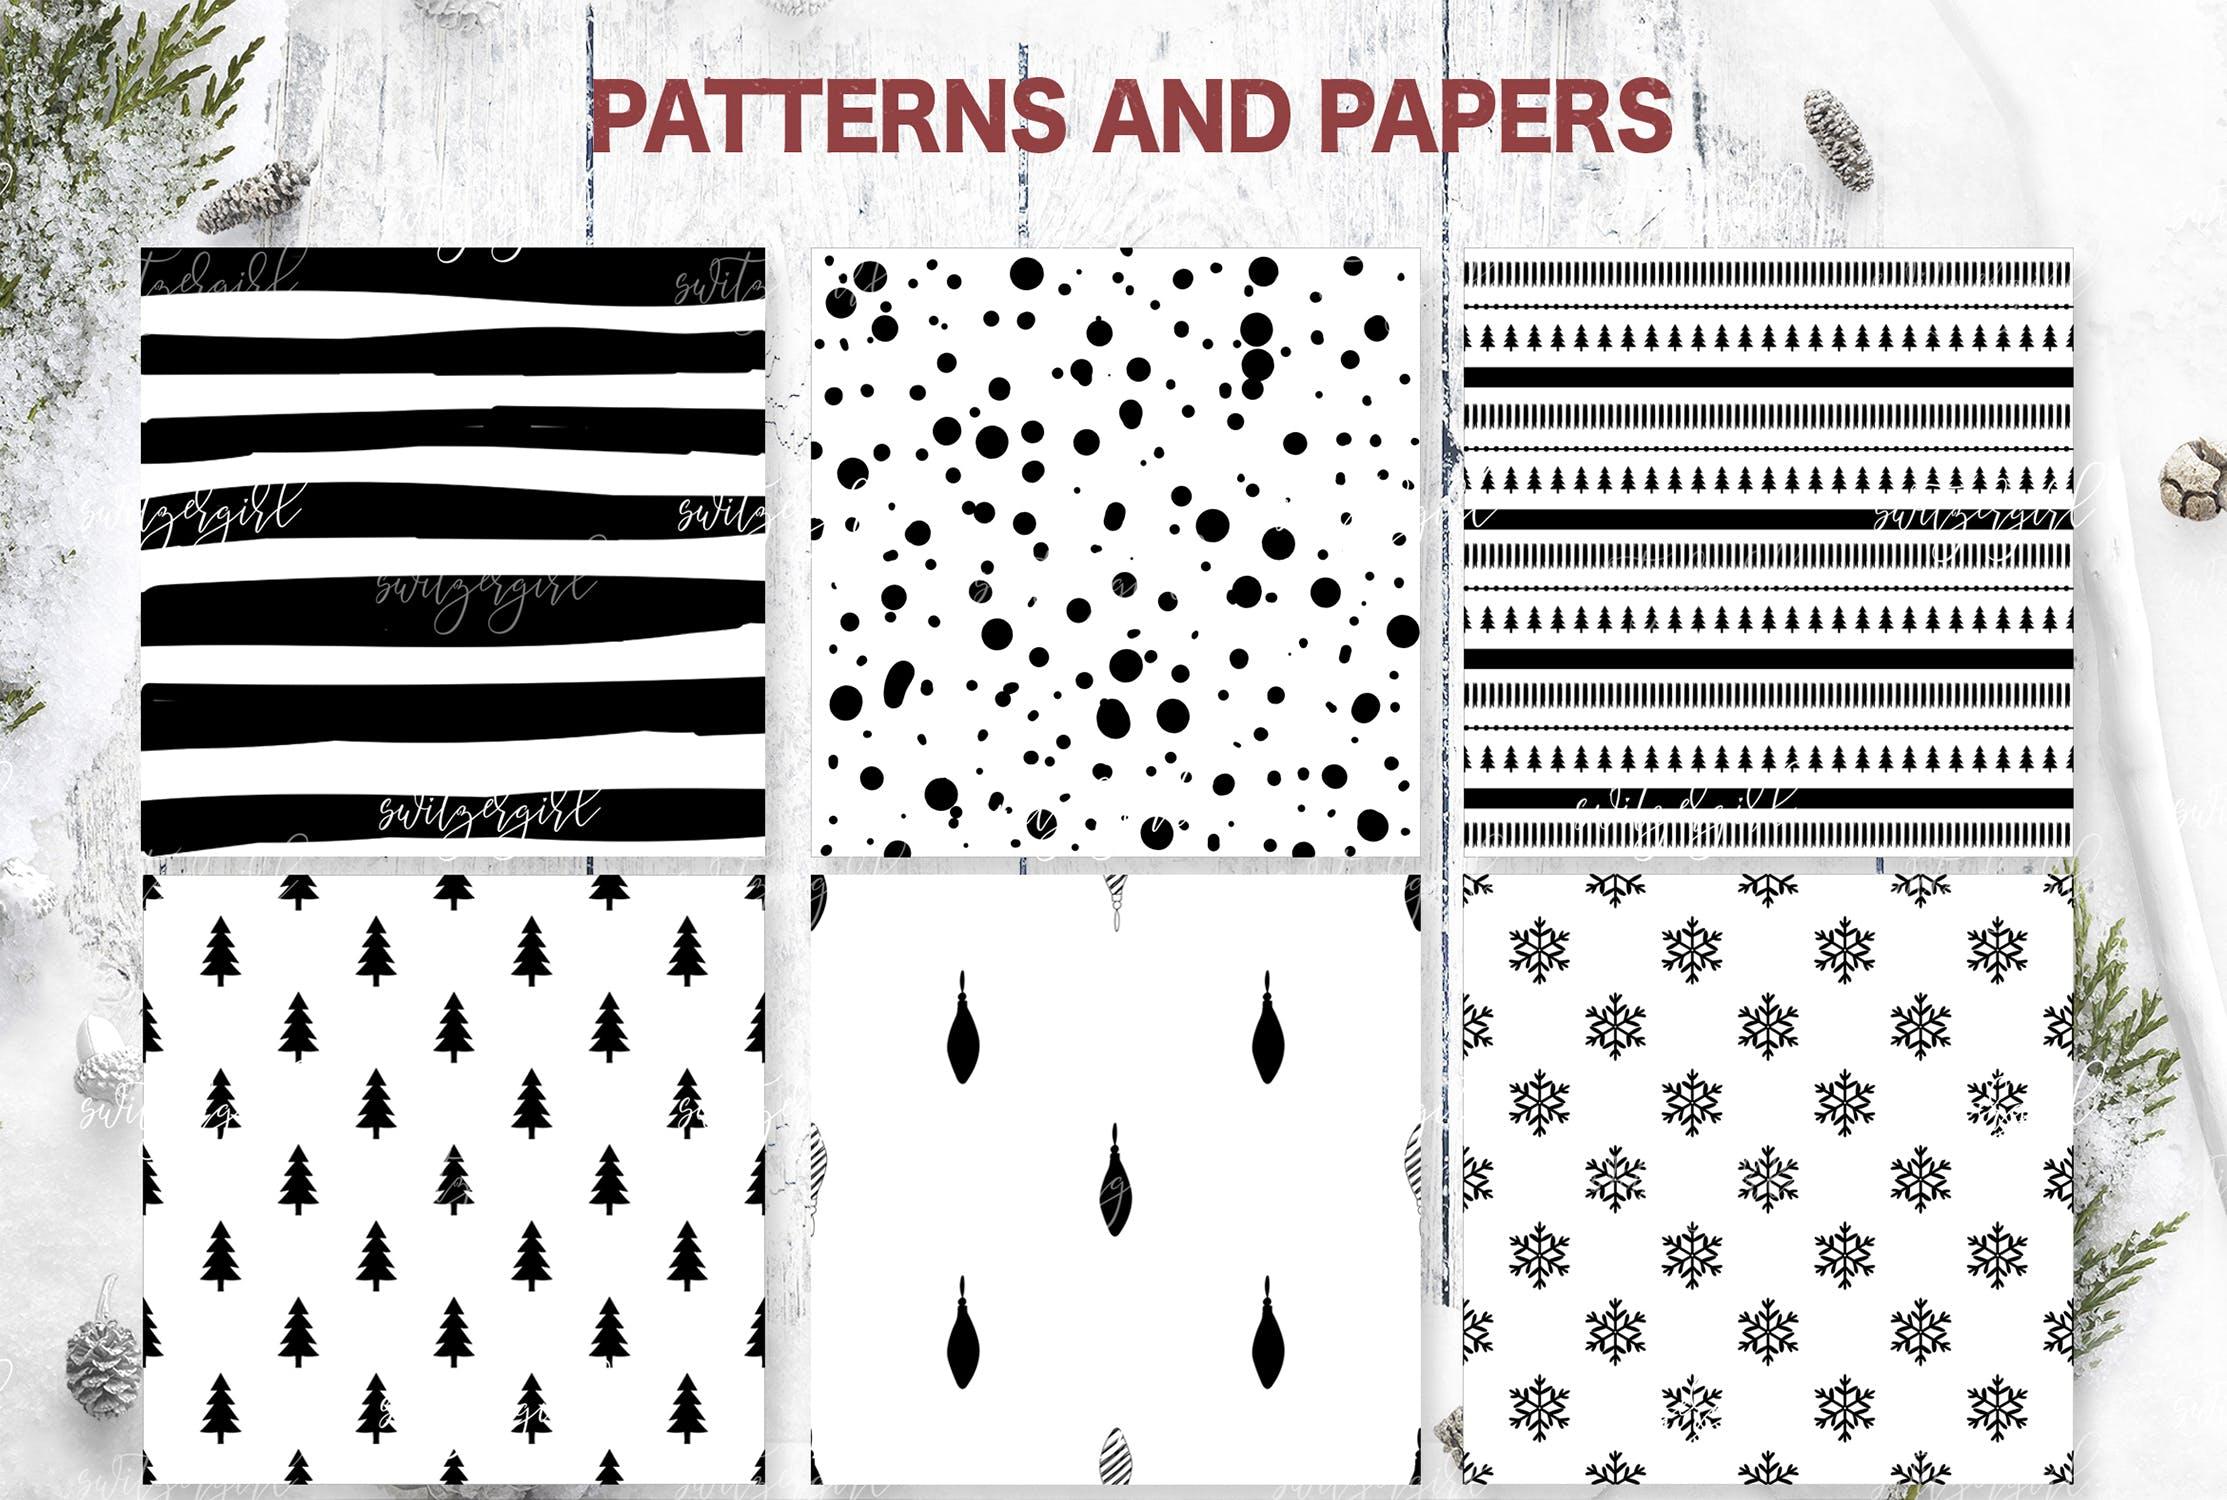 圣诞节元素装饰元素圣诞树杂点素材Christmas Patterns Collection Seamless patterns插图(1)